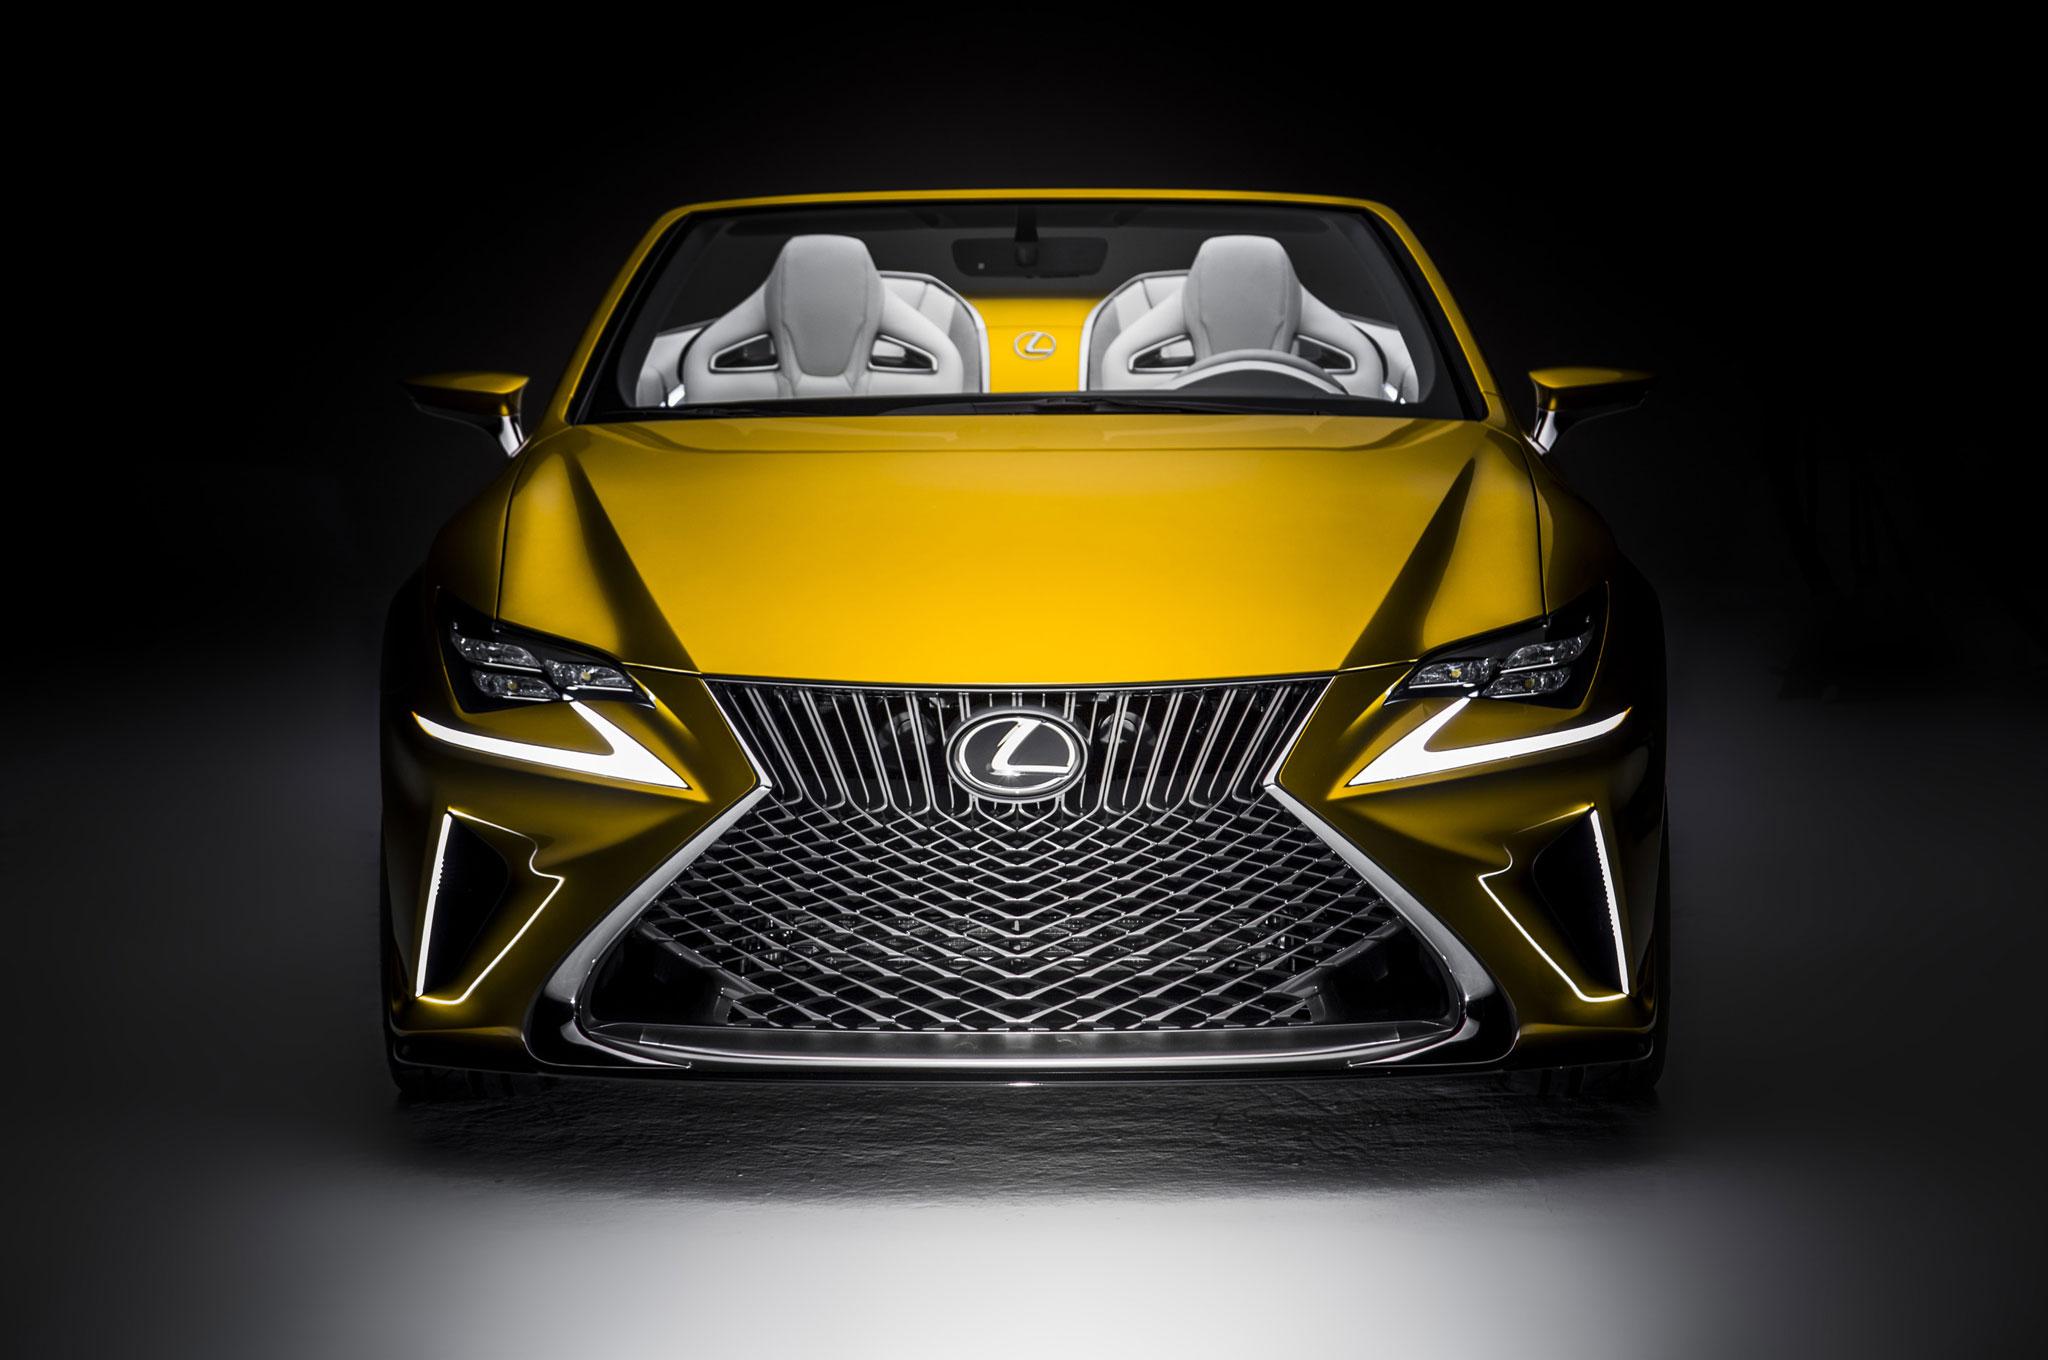 http://st.automobilemag.com/uploads/sites/11/2014/11/Lexus-LF-C2-concept-front-view.jpg